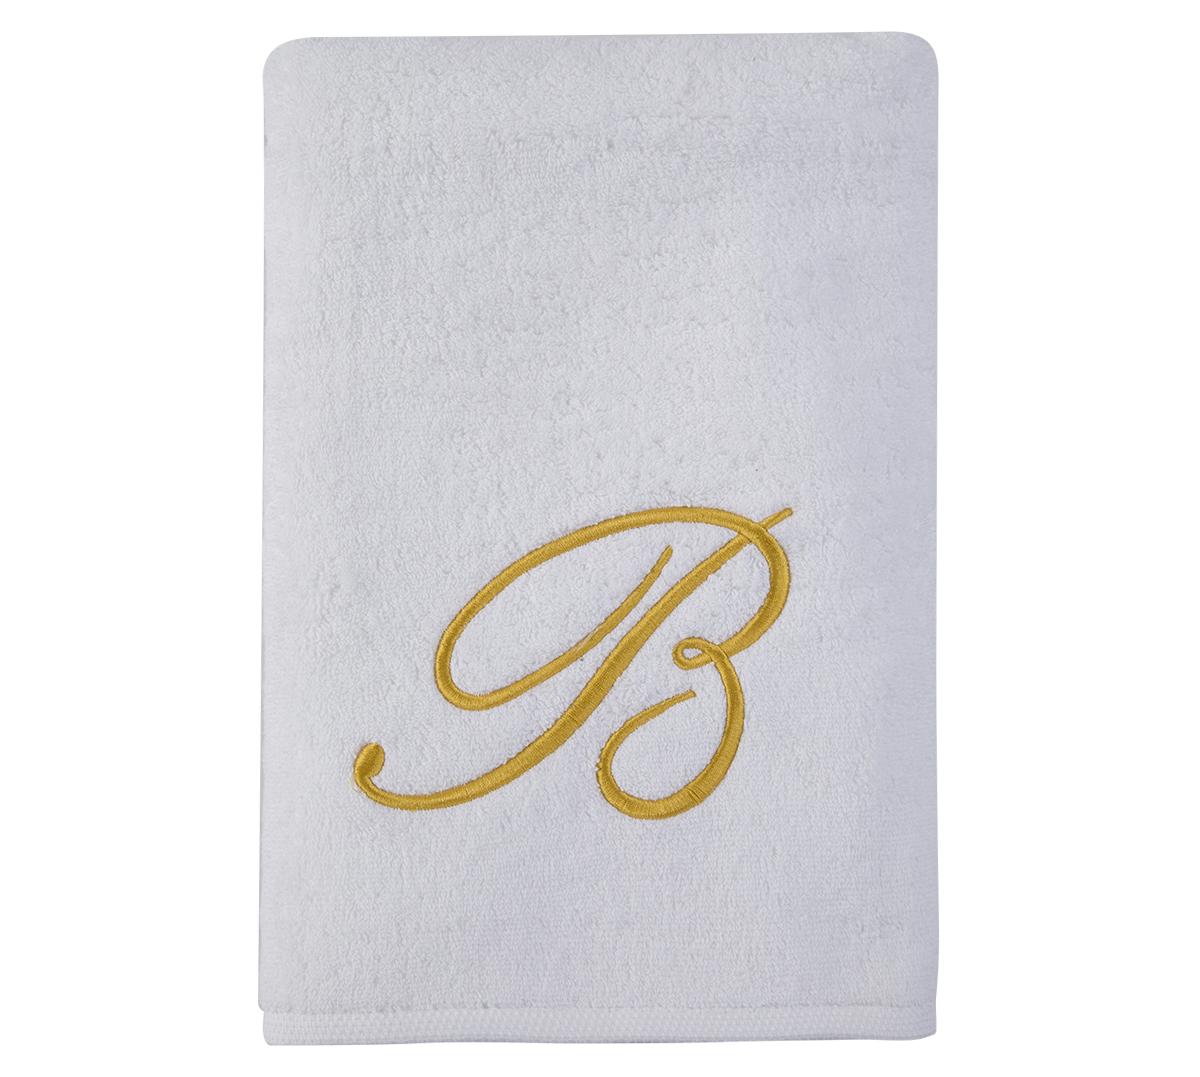 Alphabet Bath Towel 70x140cm Letter B